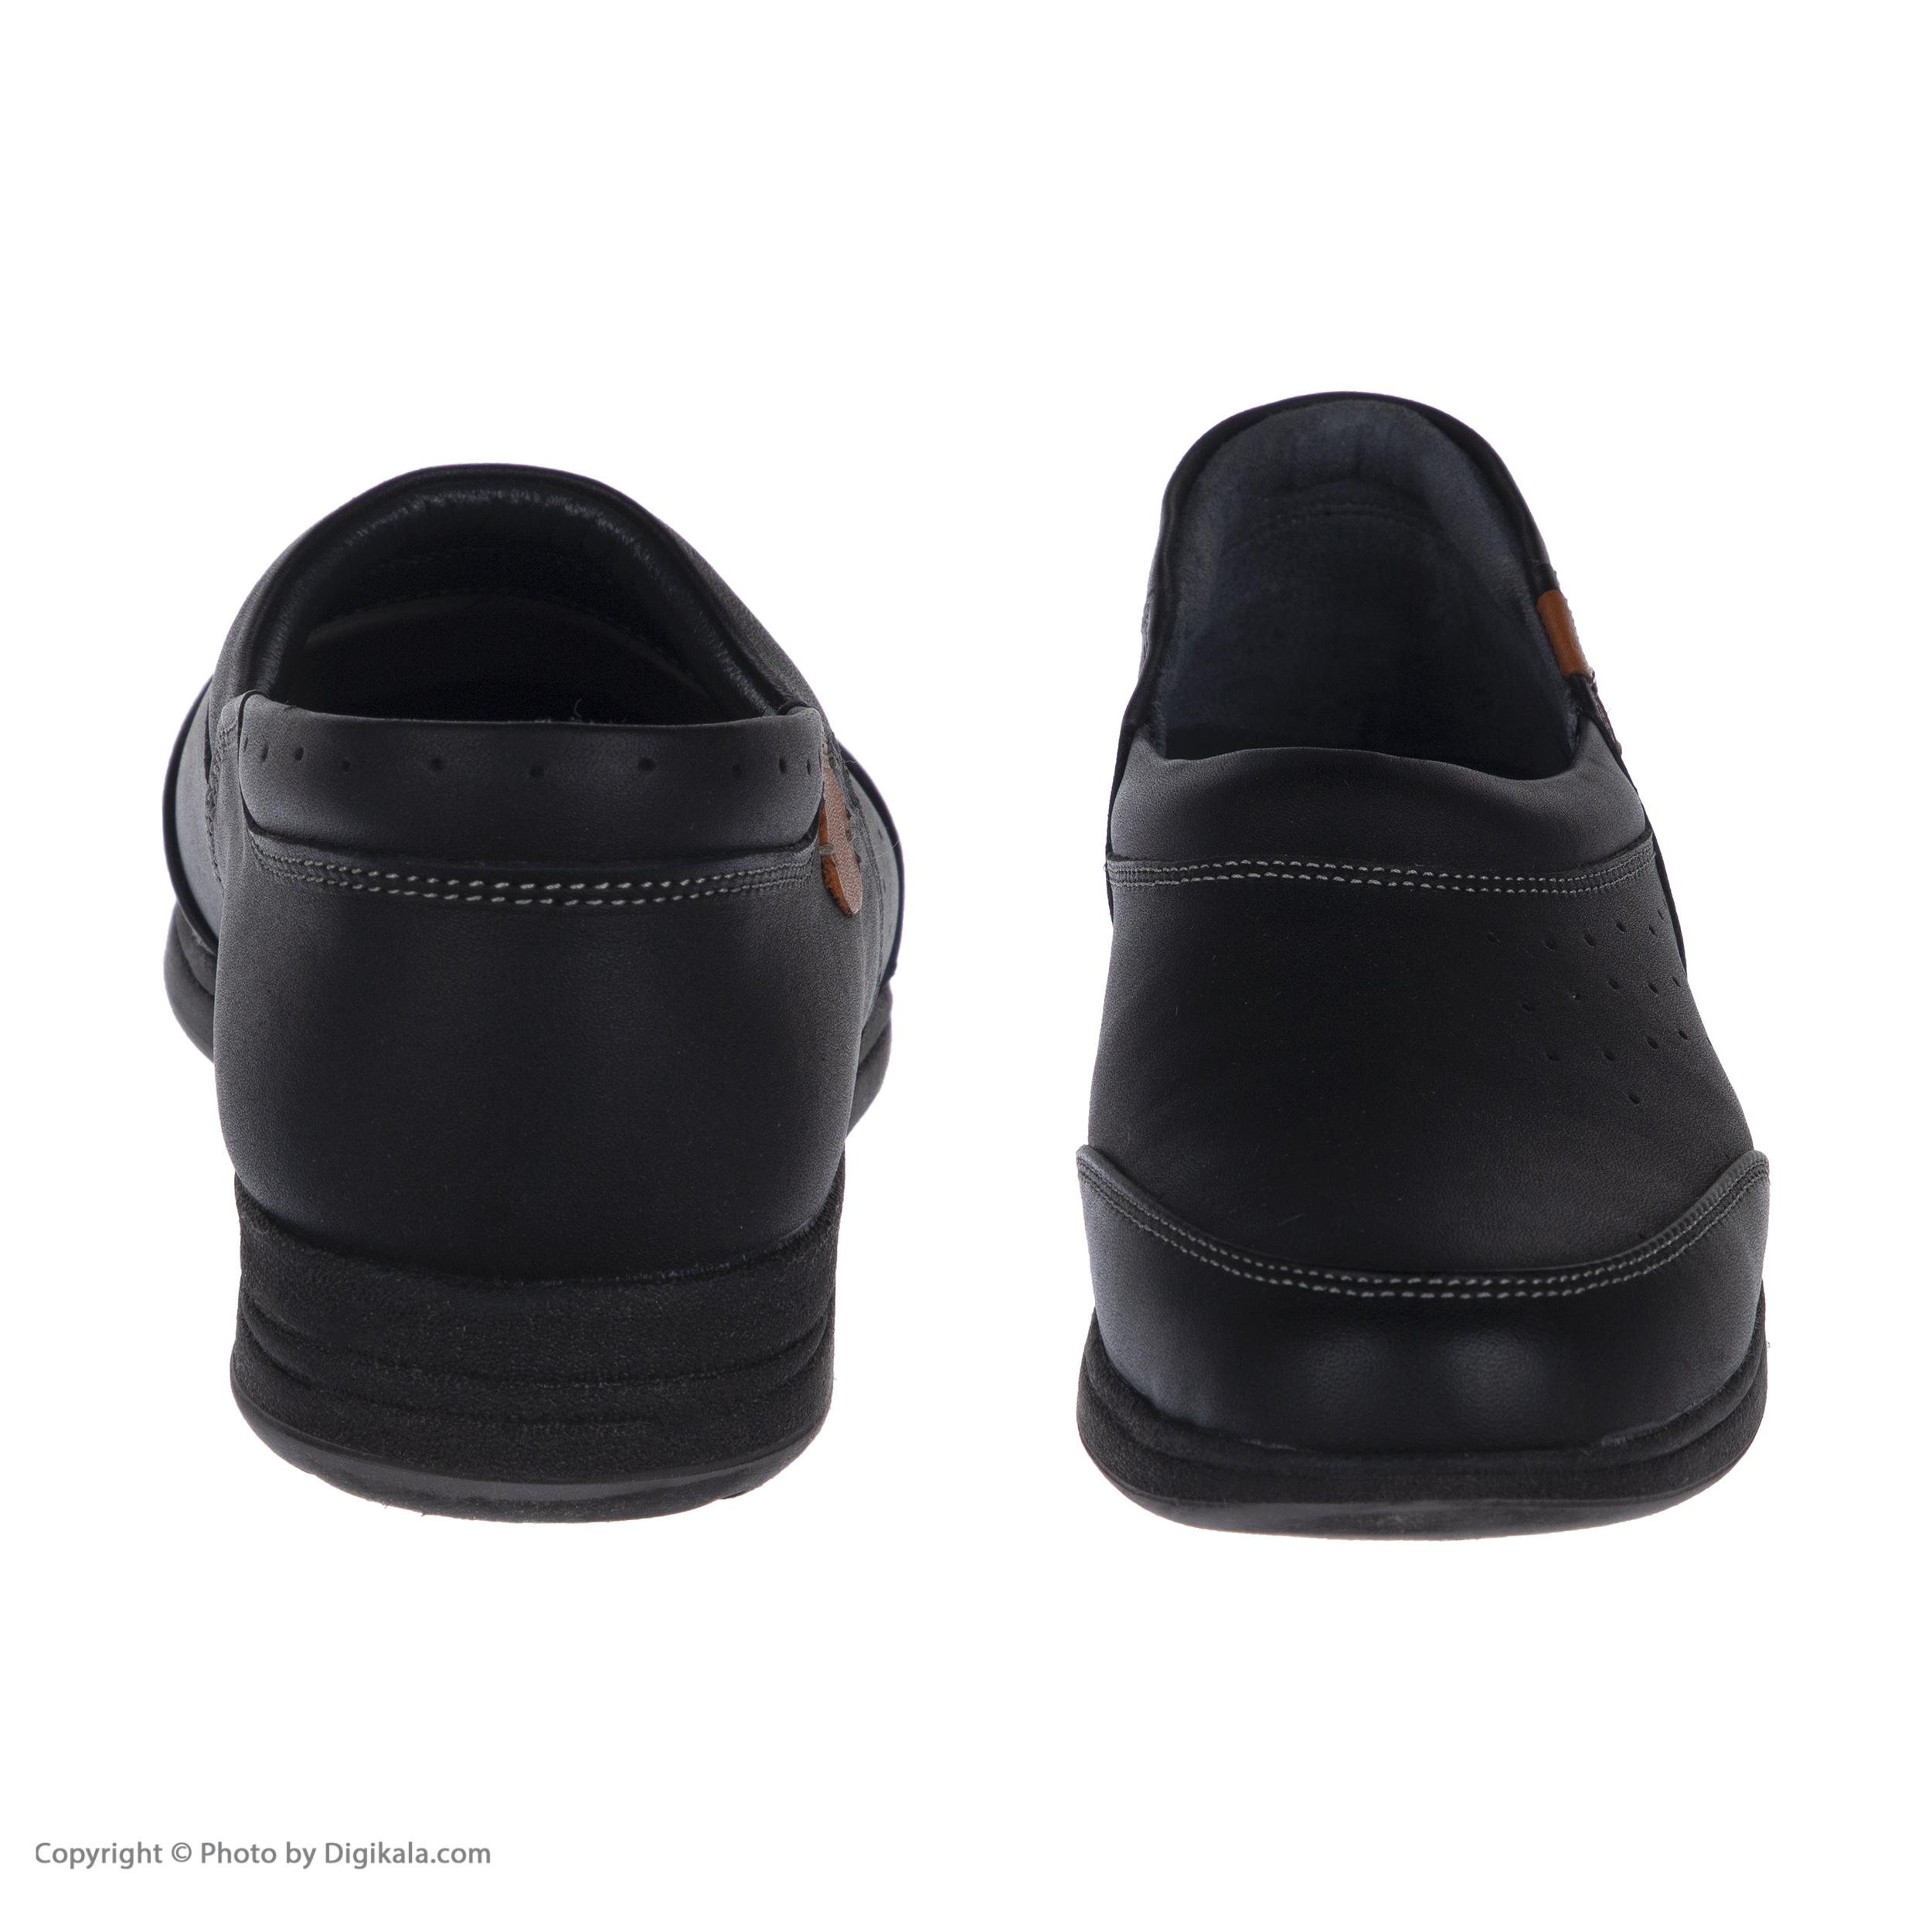 کفش روزمره زنانه سوته مدل 2959B500101 -  - 5